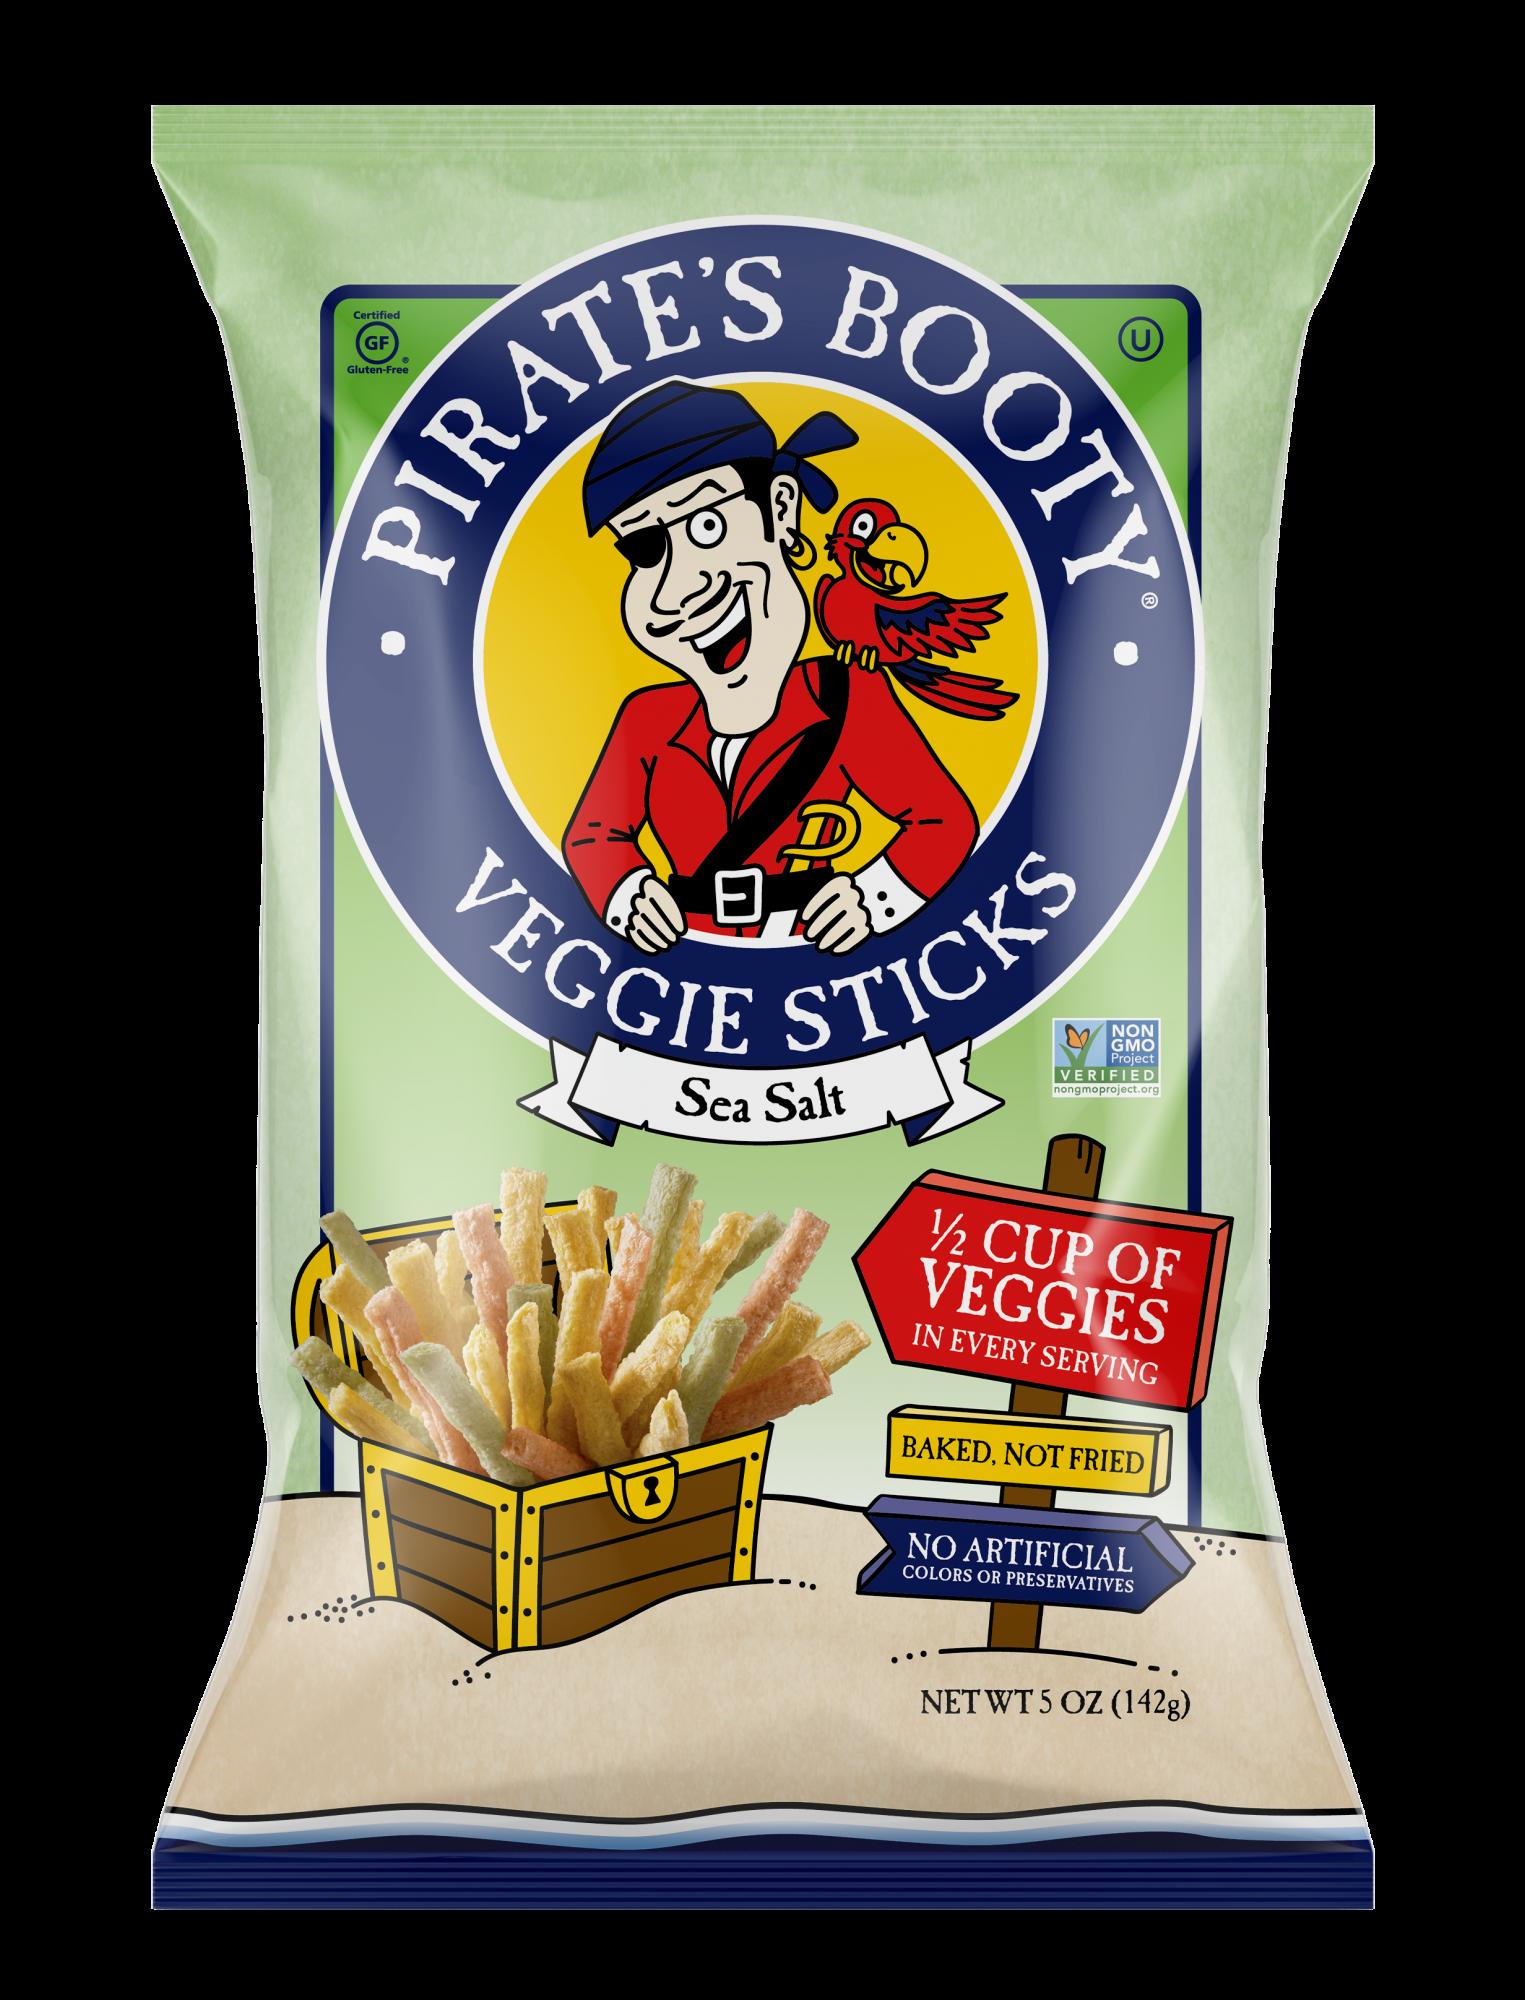 Veggie Sticks I Baked Vegetable Straws